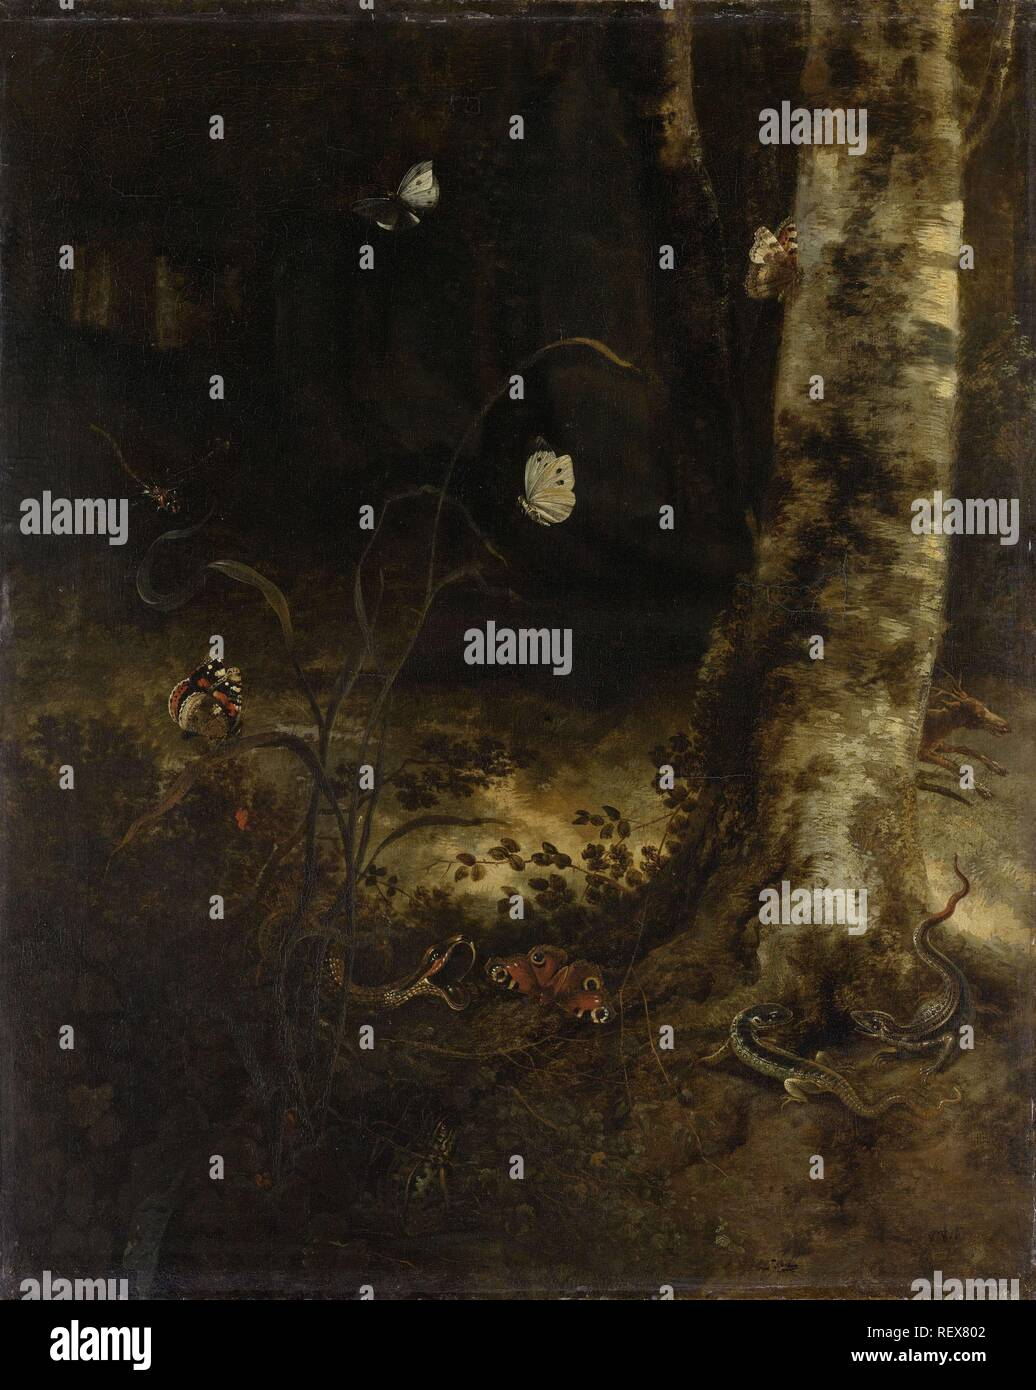 Forest Floor con un serpente, lucertole, farfalle e altri insetti. Dating: 1650 - 1678. Misurazioni: h 76 cm × W 62 cm; d 11,5 cm. Museo: Rijksmuseum Amsterdam. Autore: Otto Marseus van Schrieck. Foto Stock